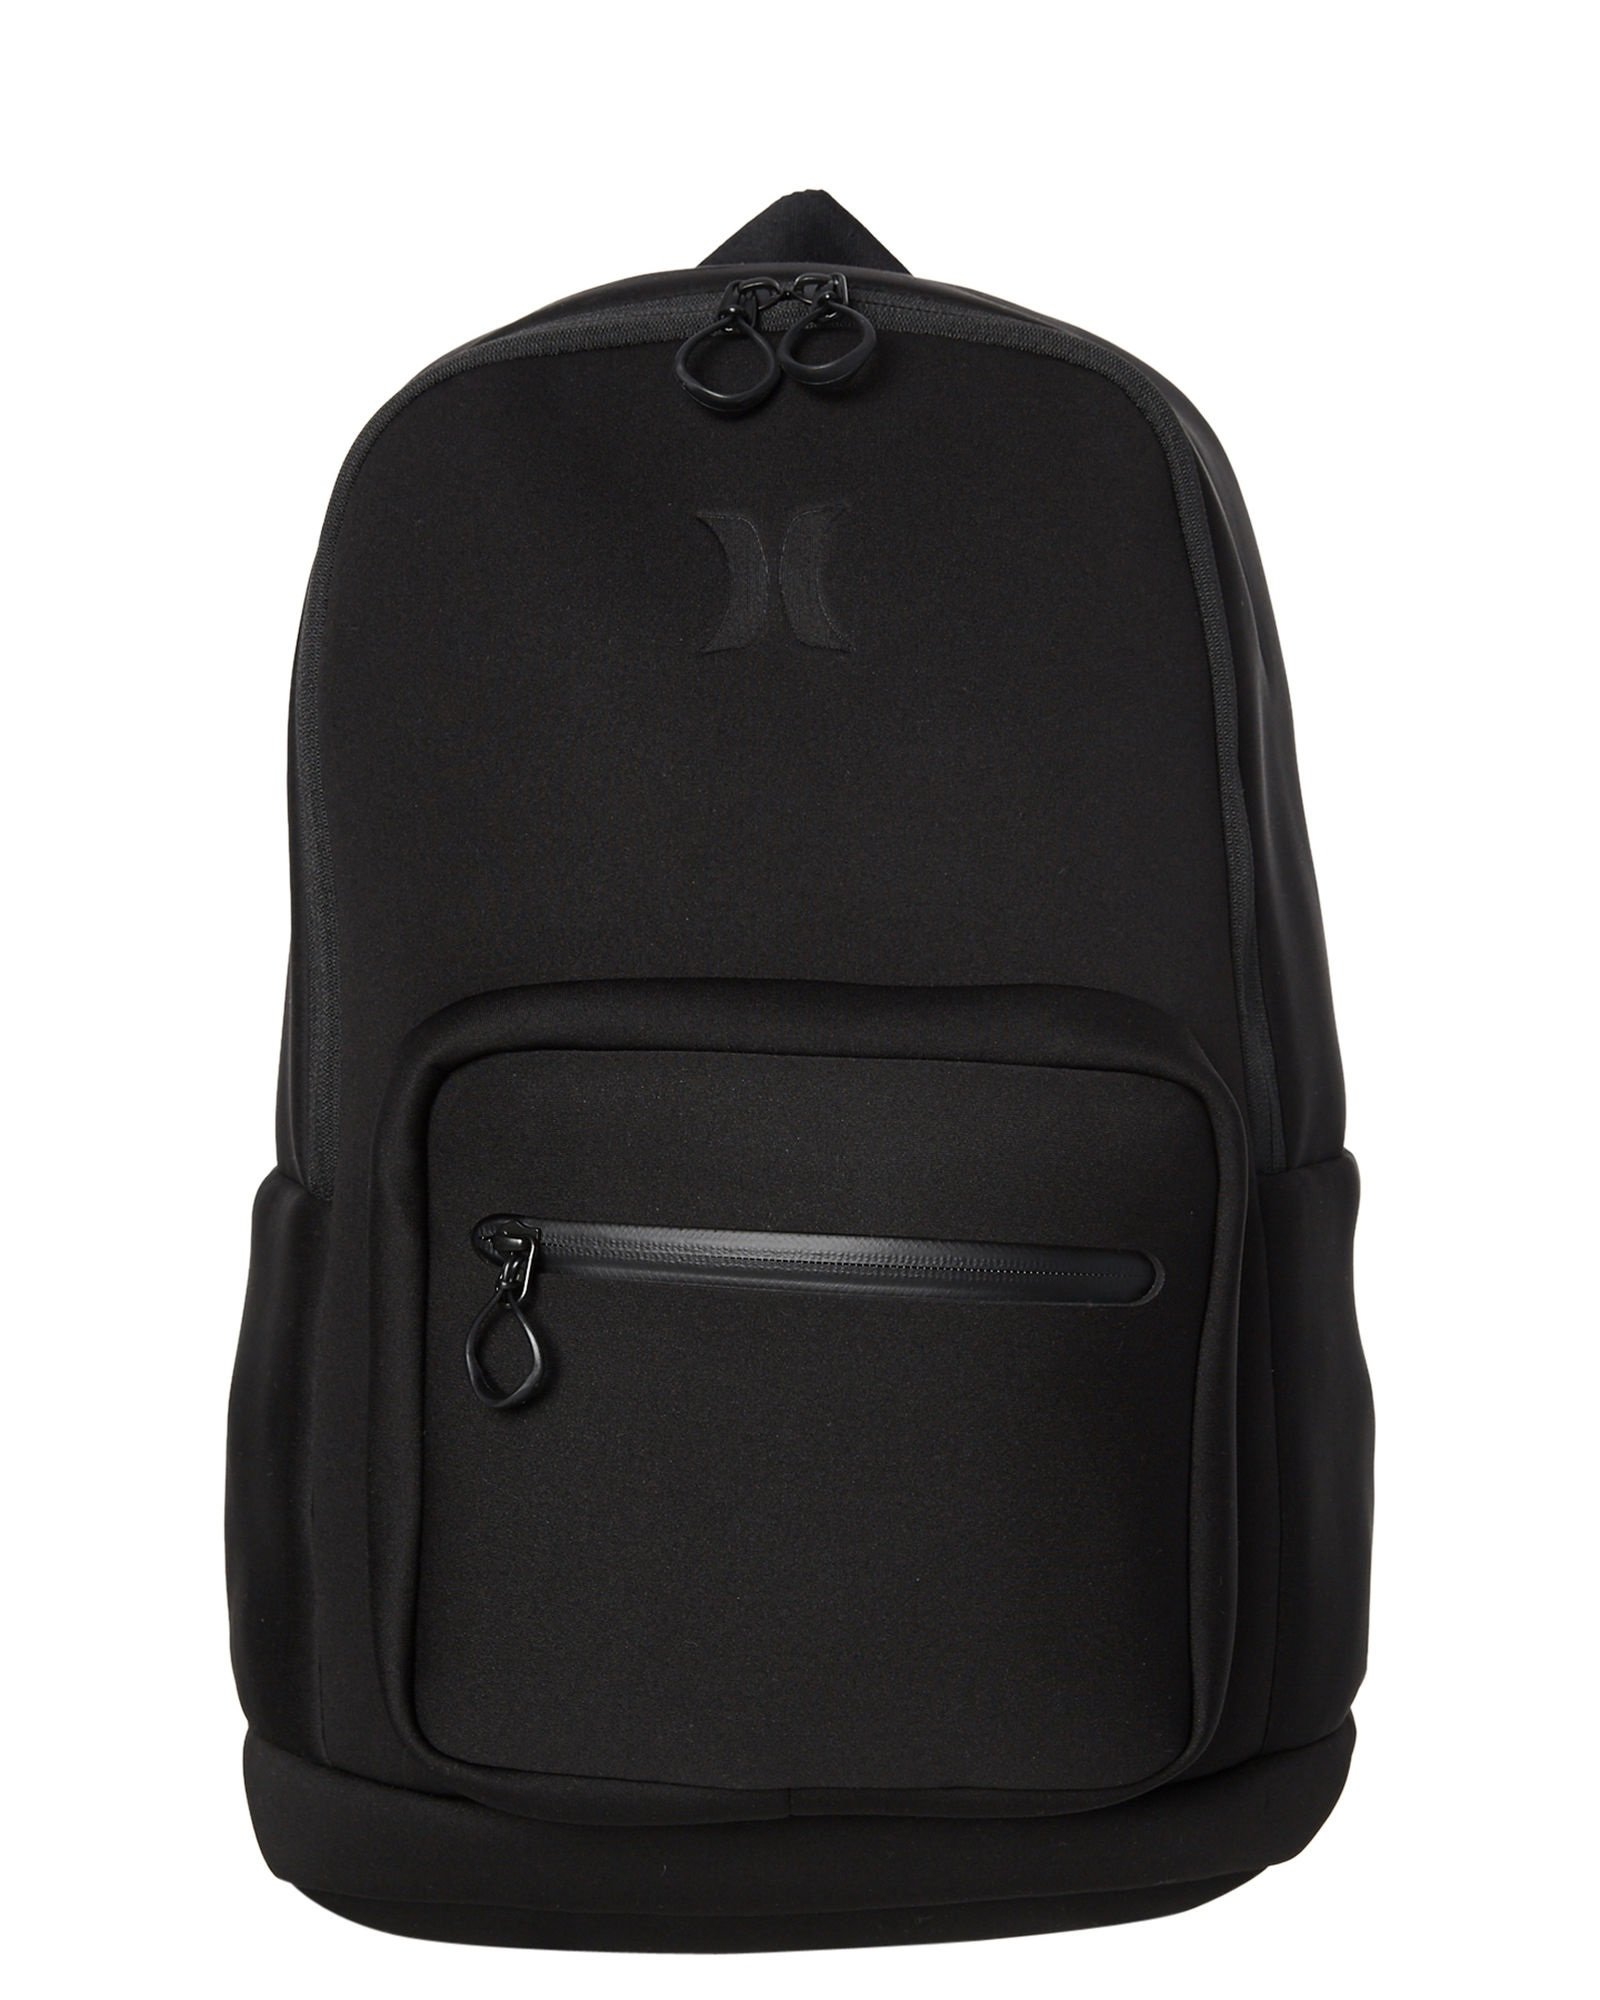 Hurley HU0008 Neoprene Backpack, Black - One Size